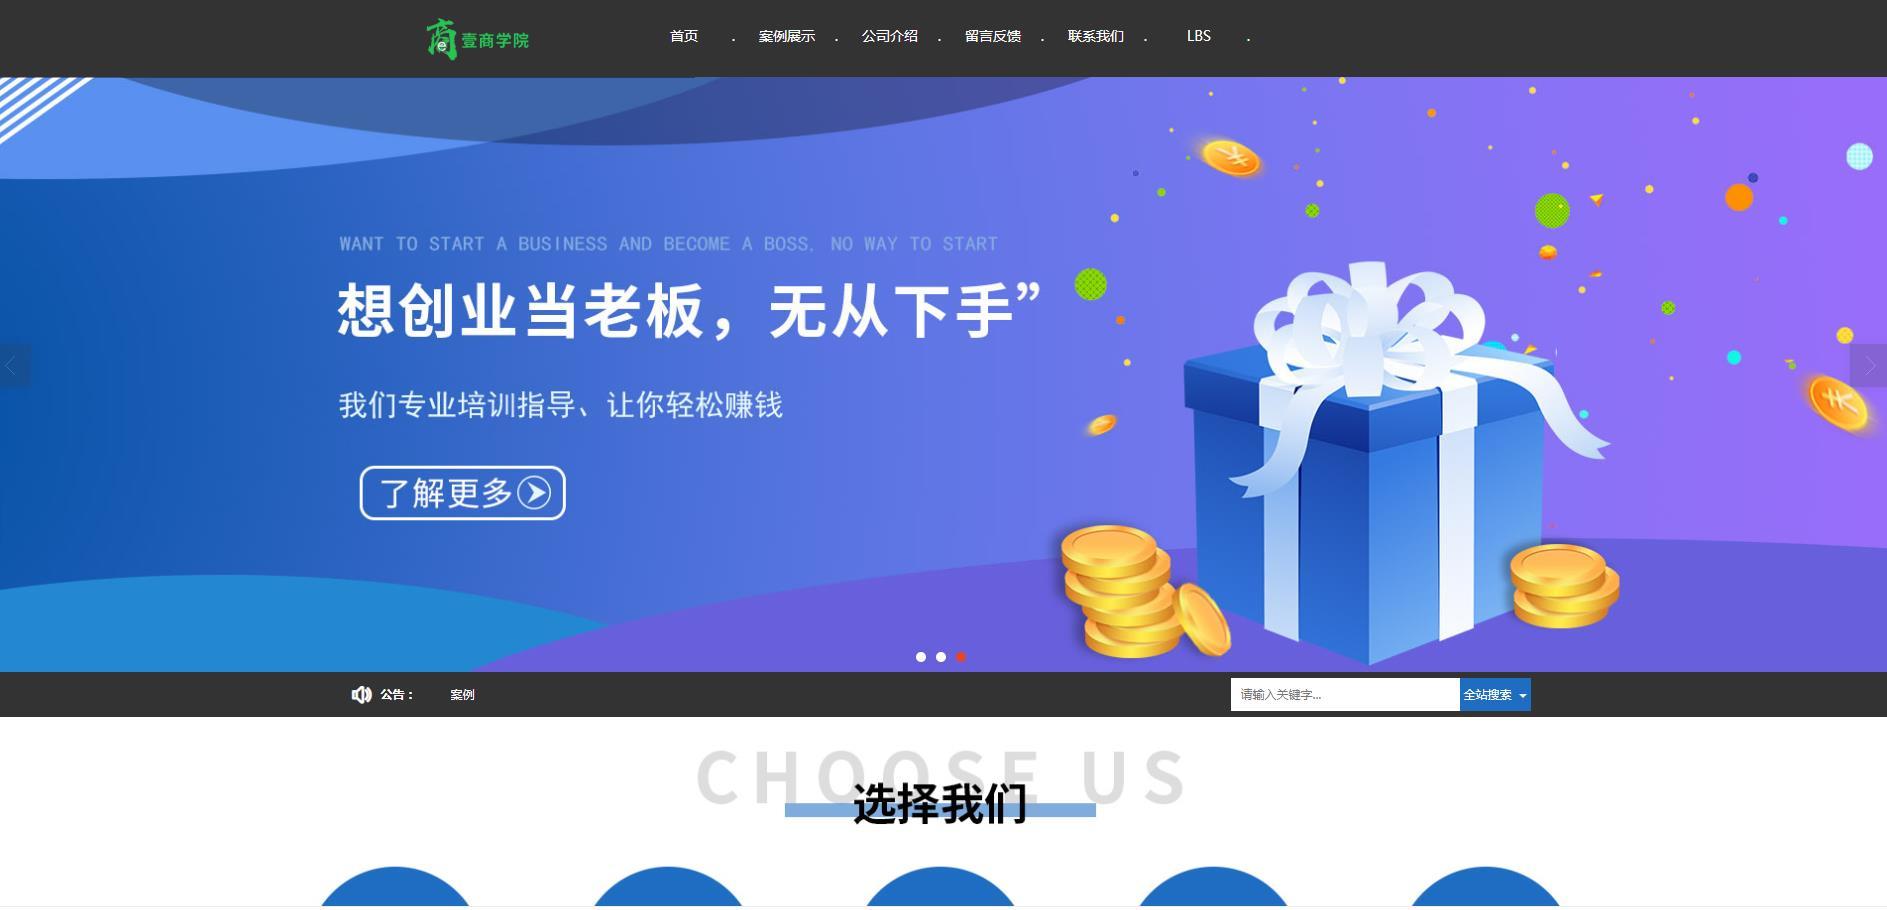 杭州壹商网络科技有限公司